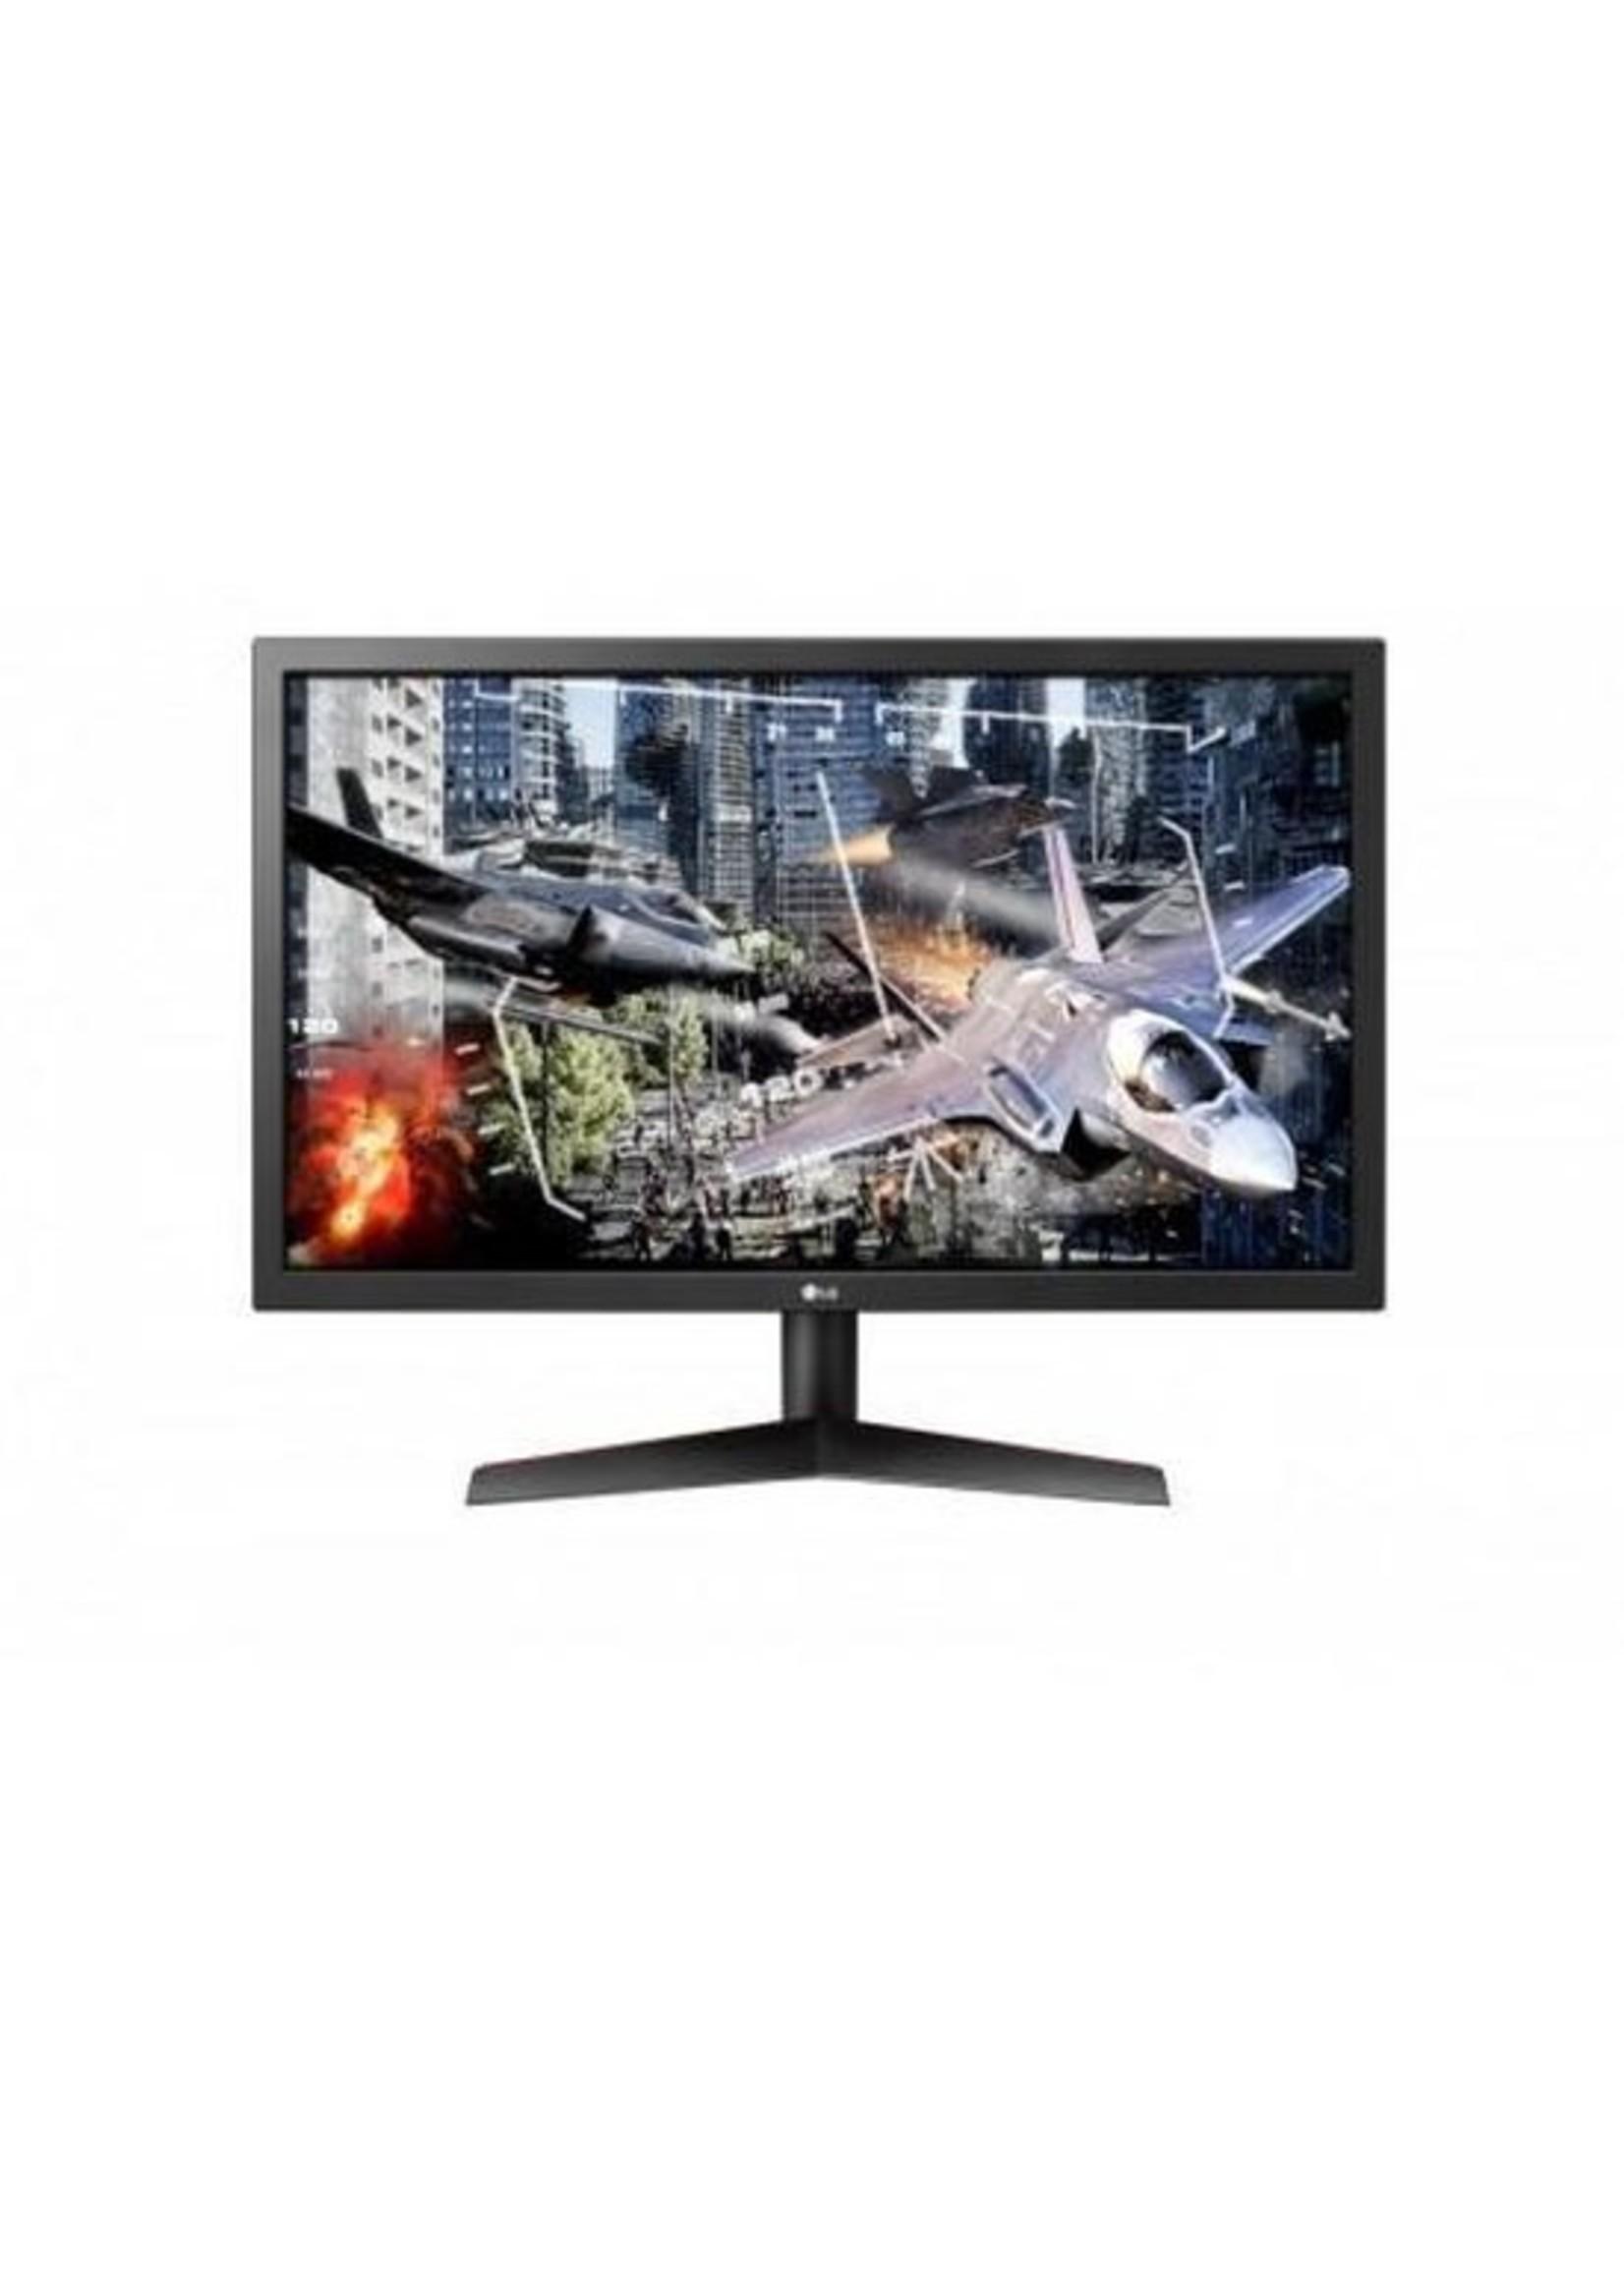 LG LG 24GL600F - Gaming Monitor (144 Hz)